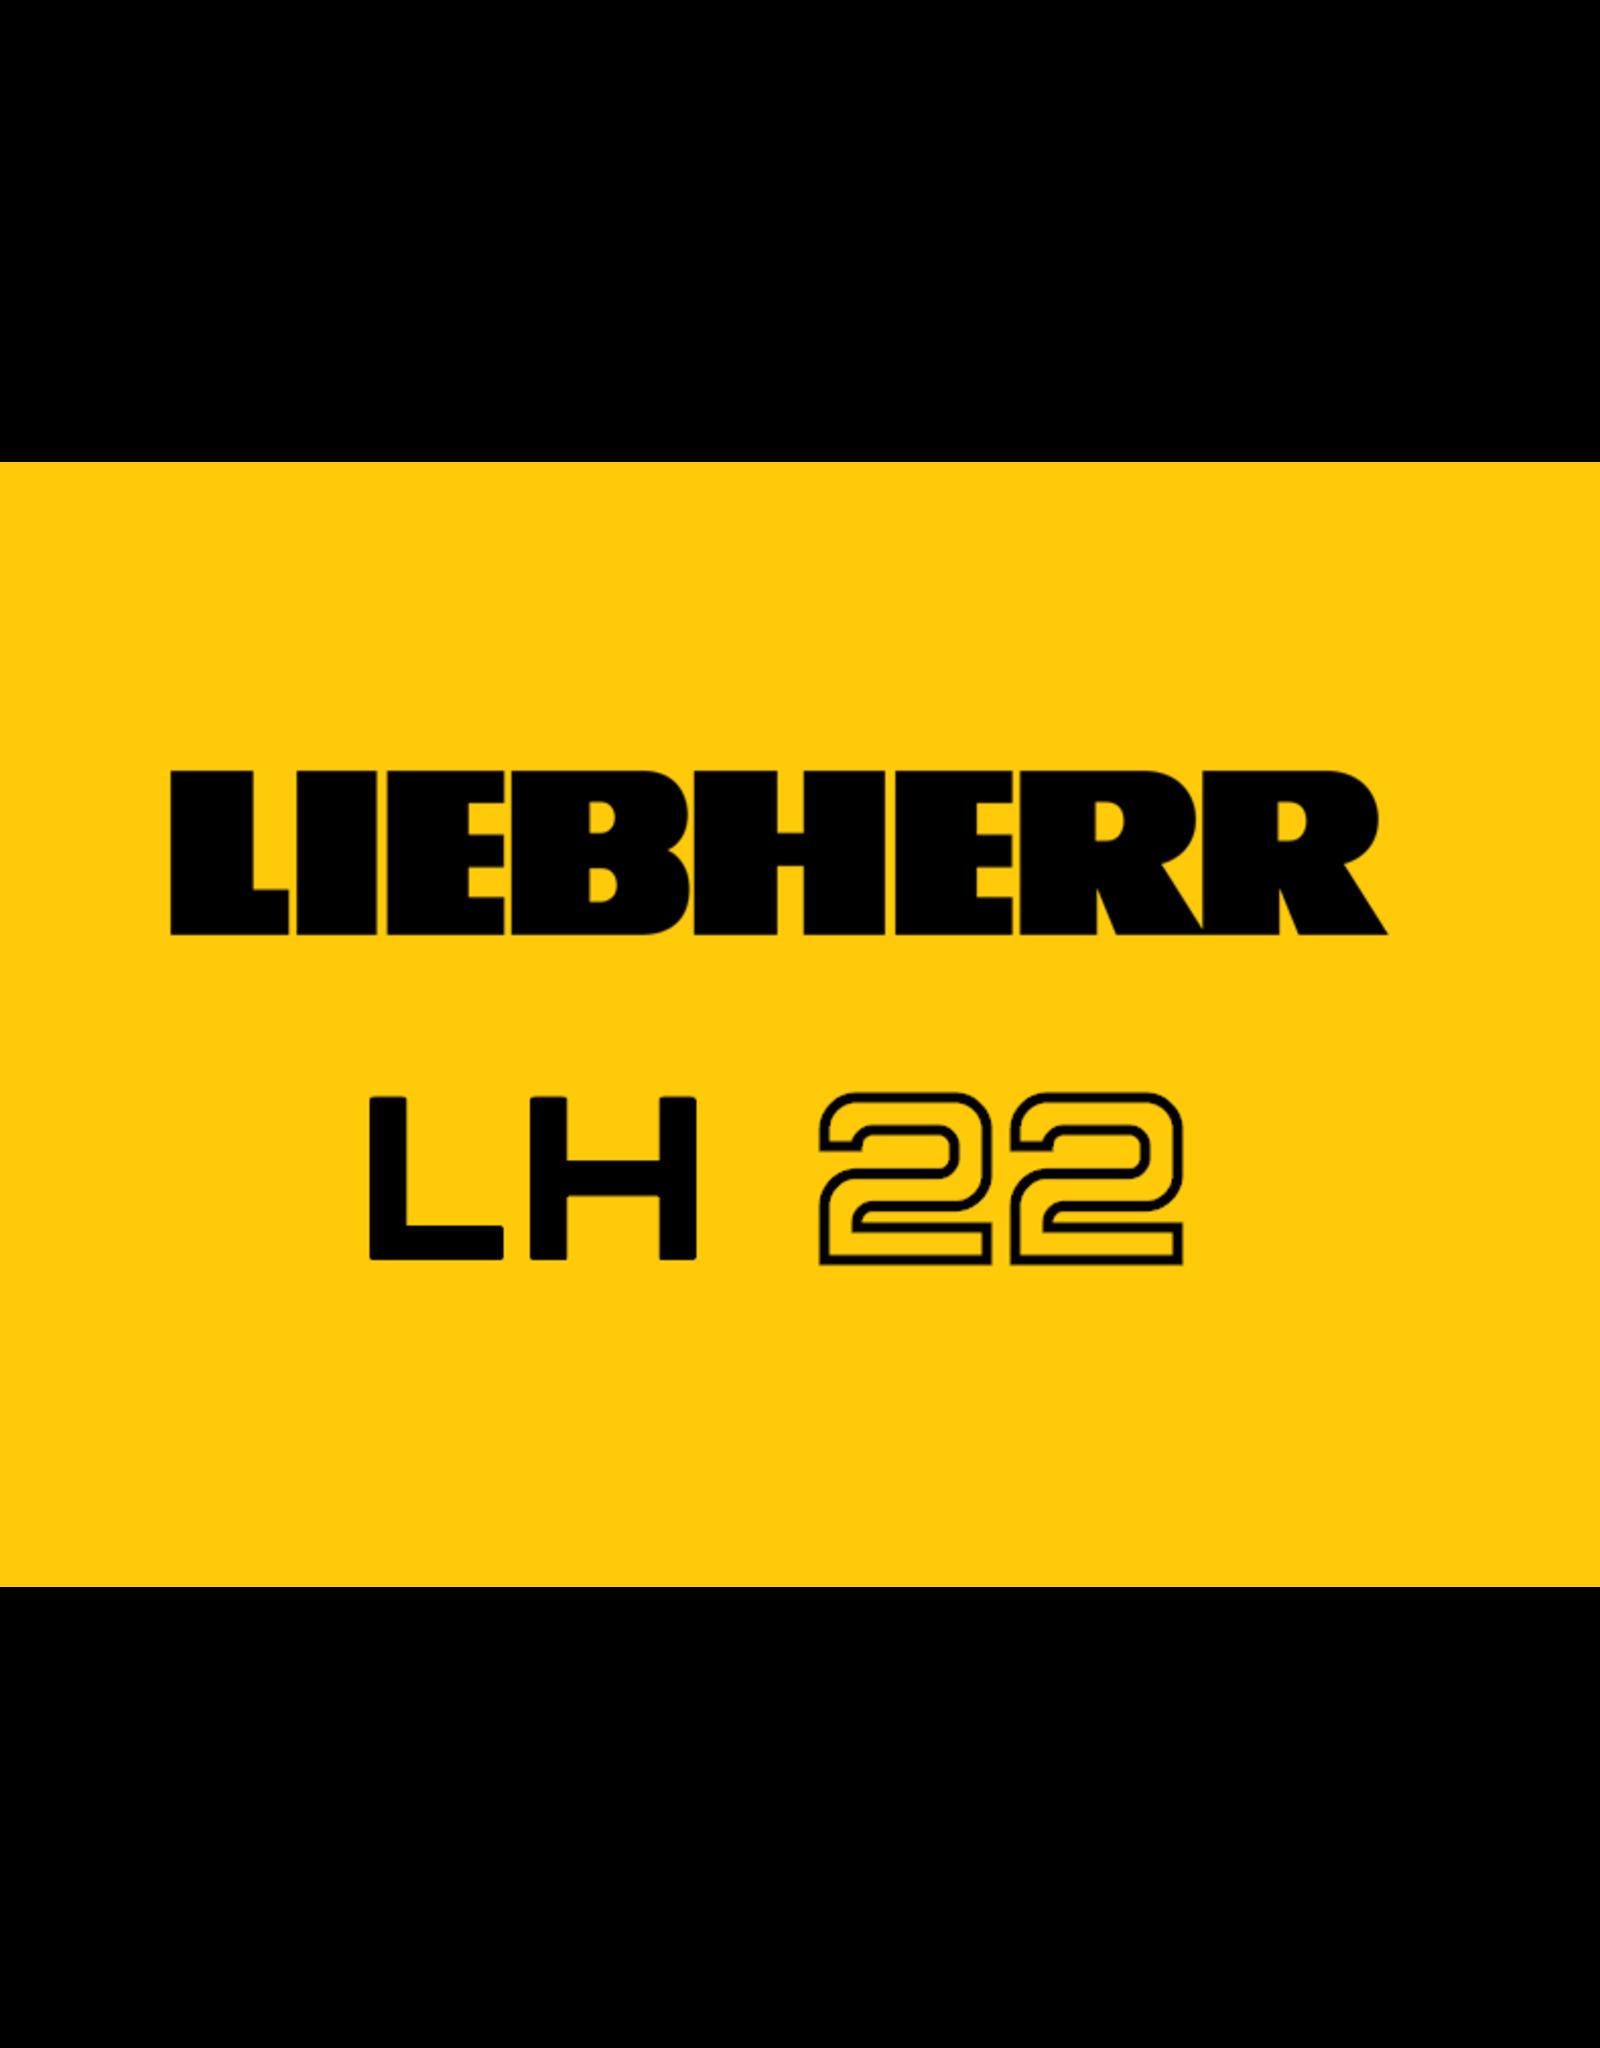 Echle Hartstahl GmbH FOPS for Liebherr LH 22